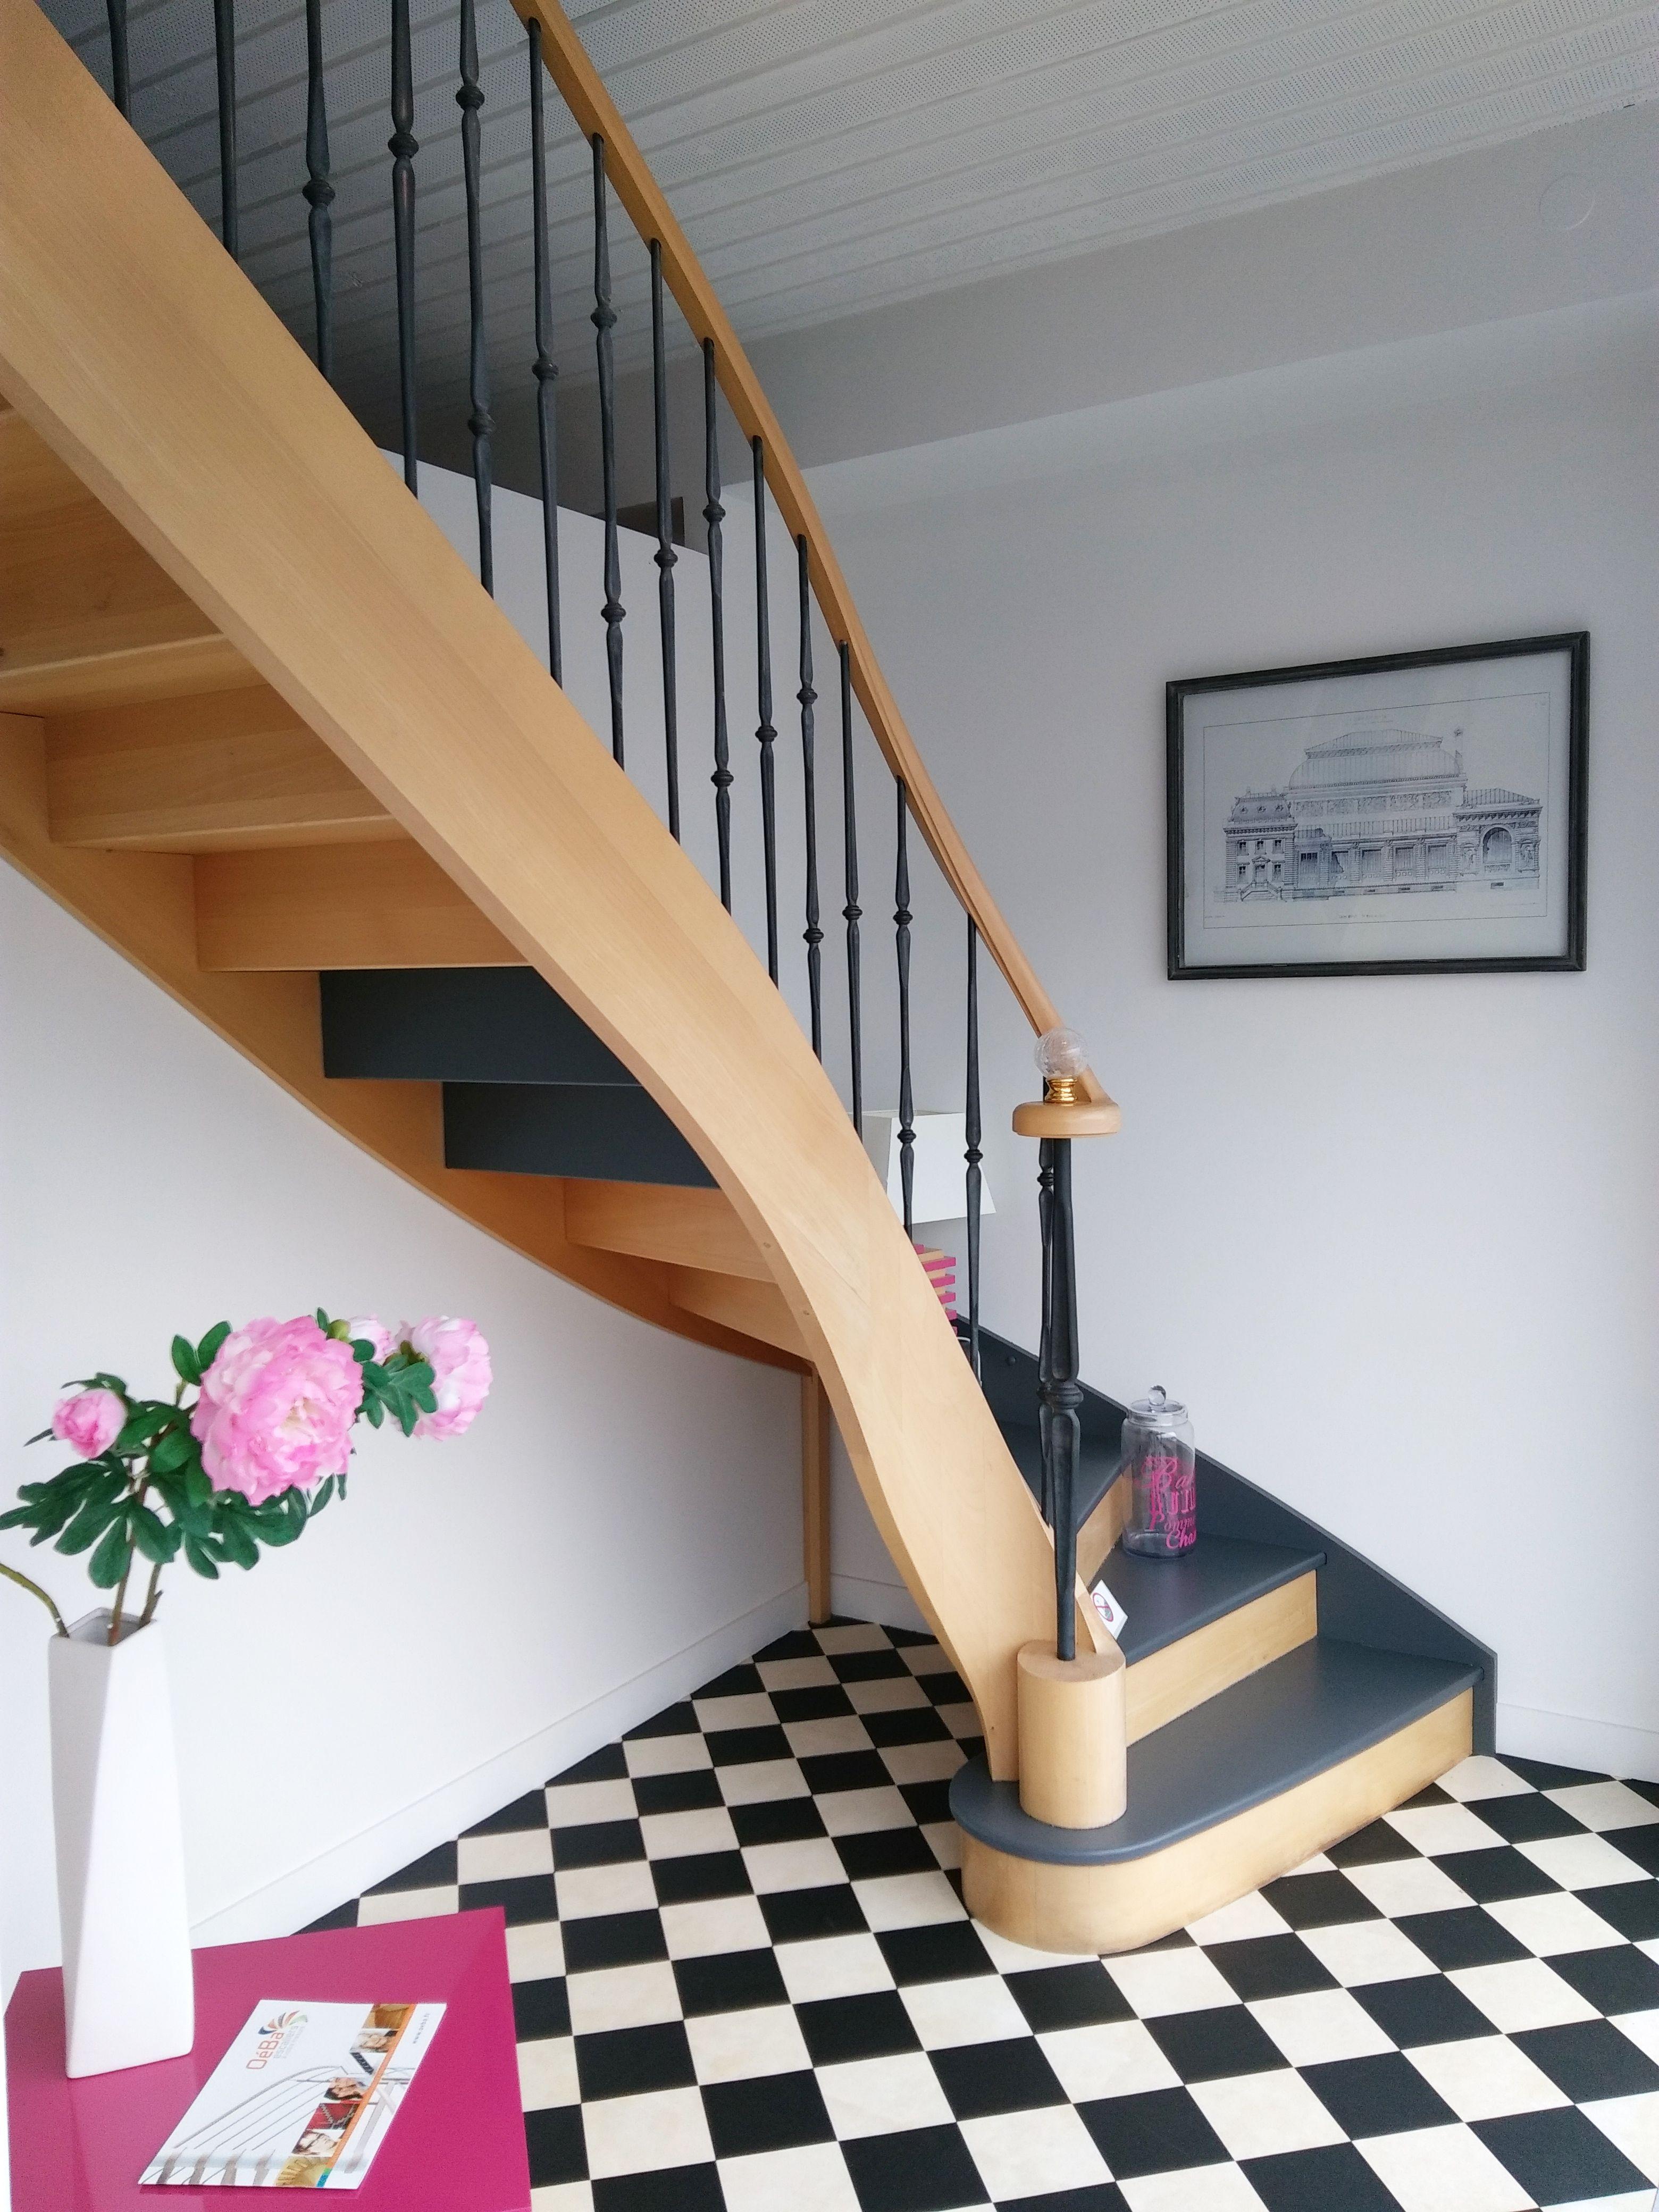 escalier en chêne classique et chic en bois débillardé peint en gris